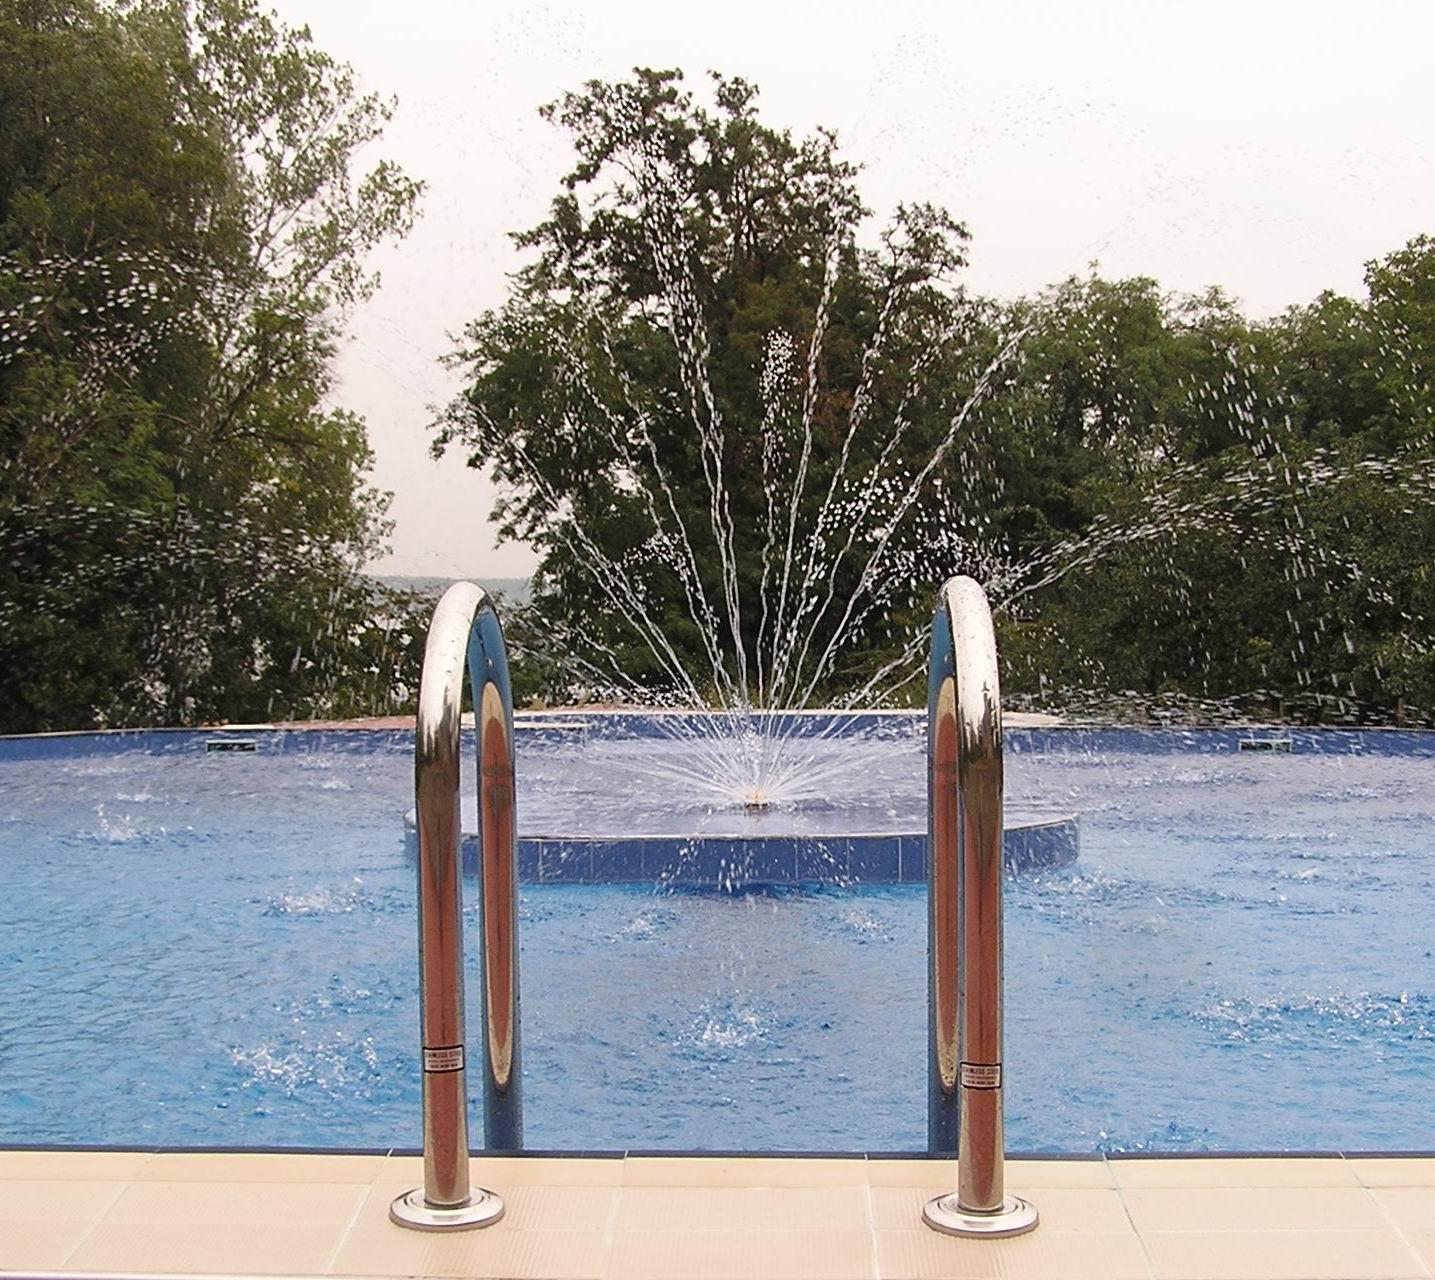 Aqua Mramor - Fontana u bazenu u privatnoj kući